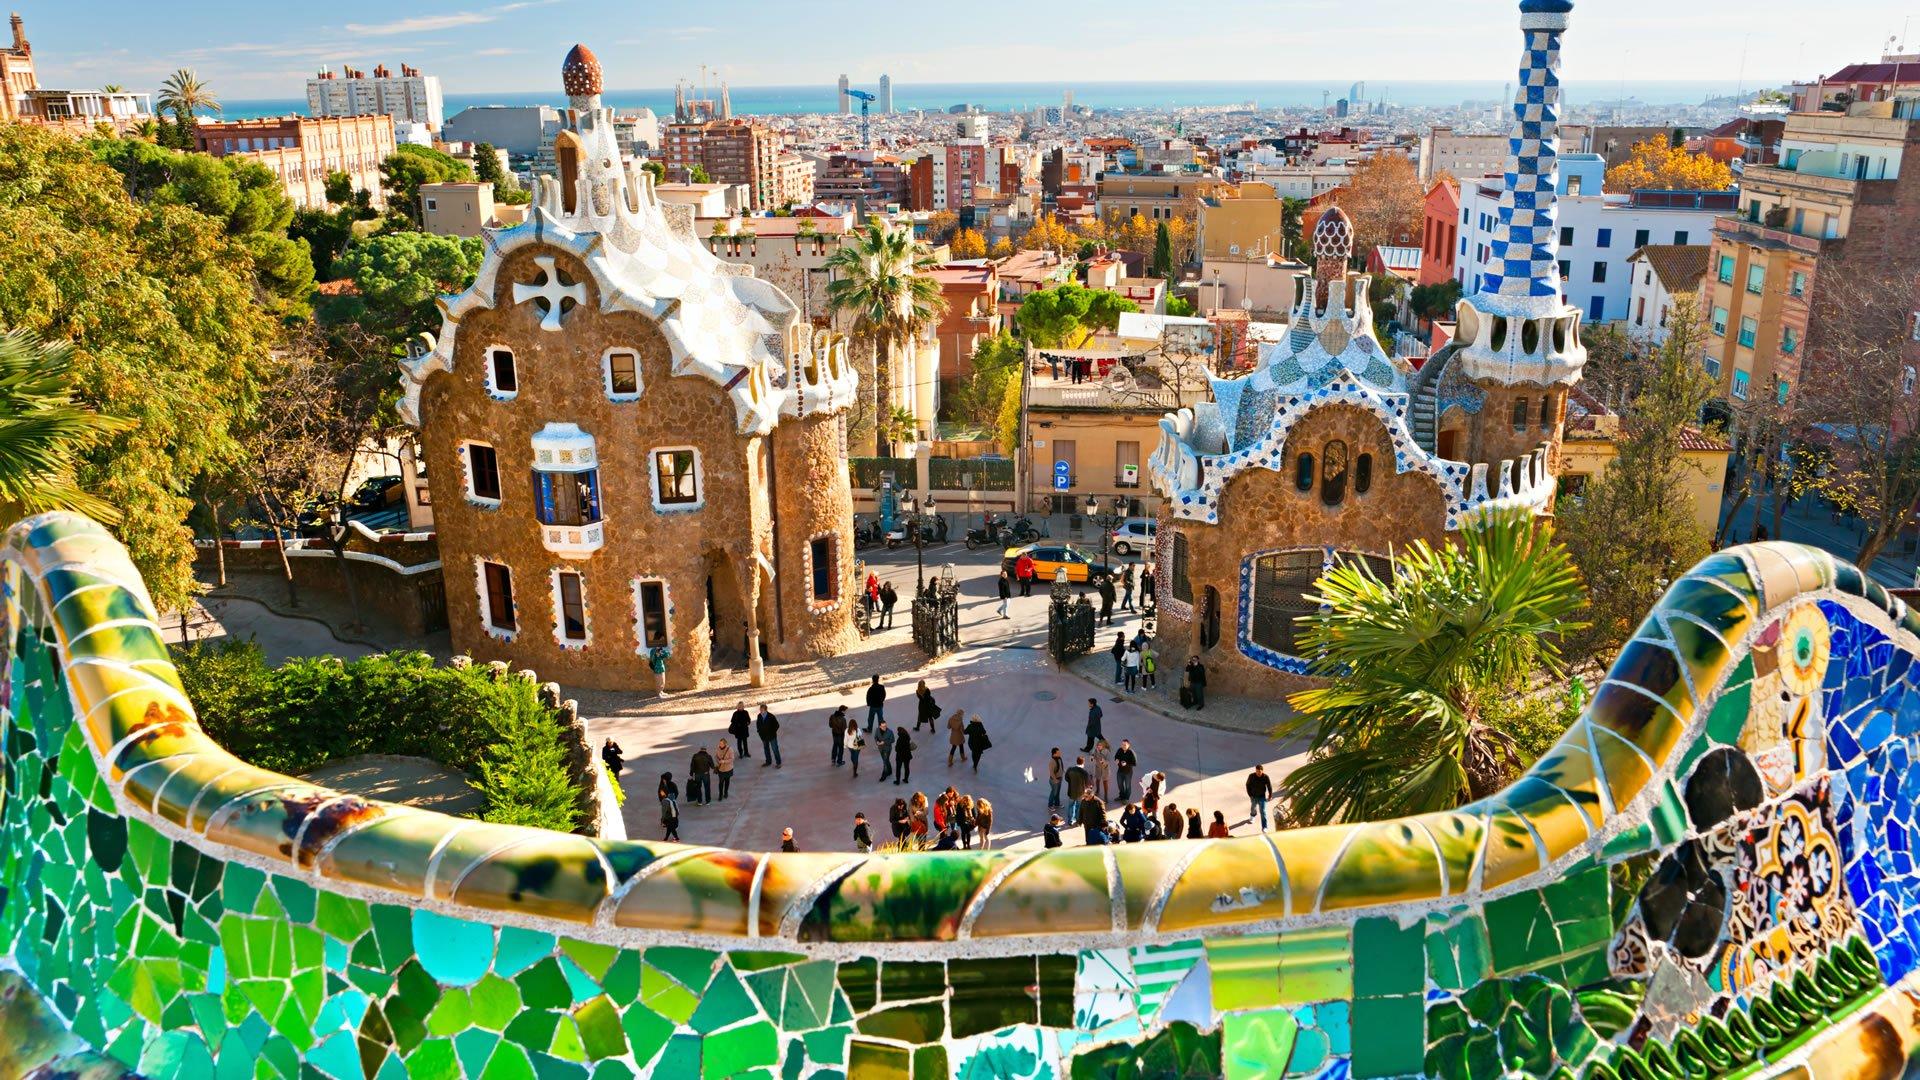 Parque g ell barcelona espa a for Parques de barcelona para ninos